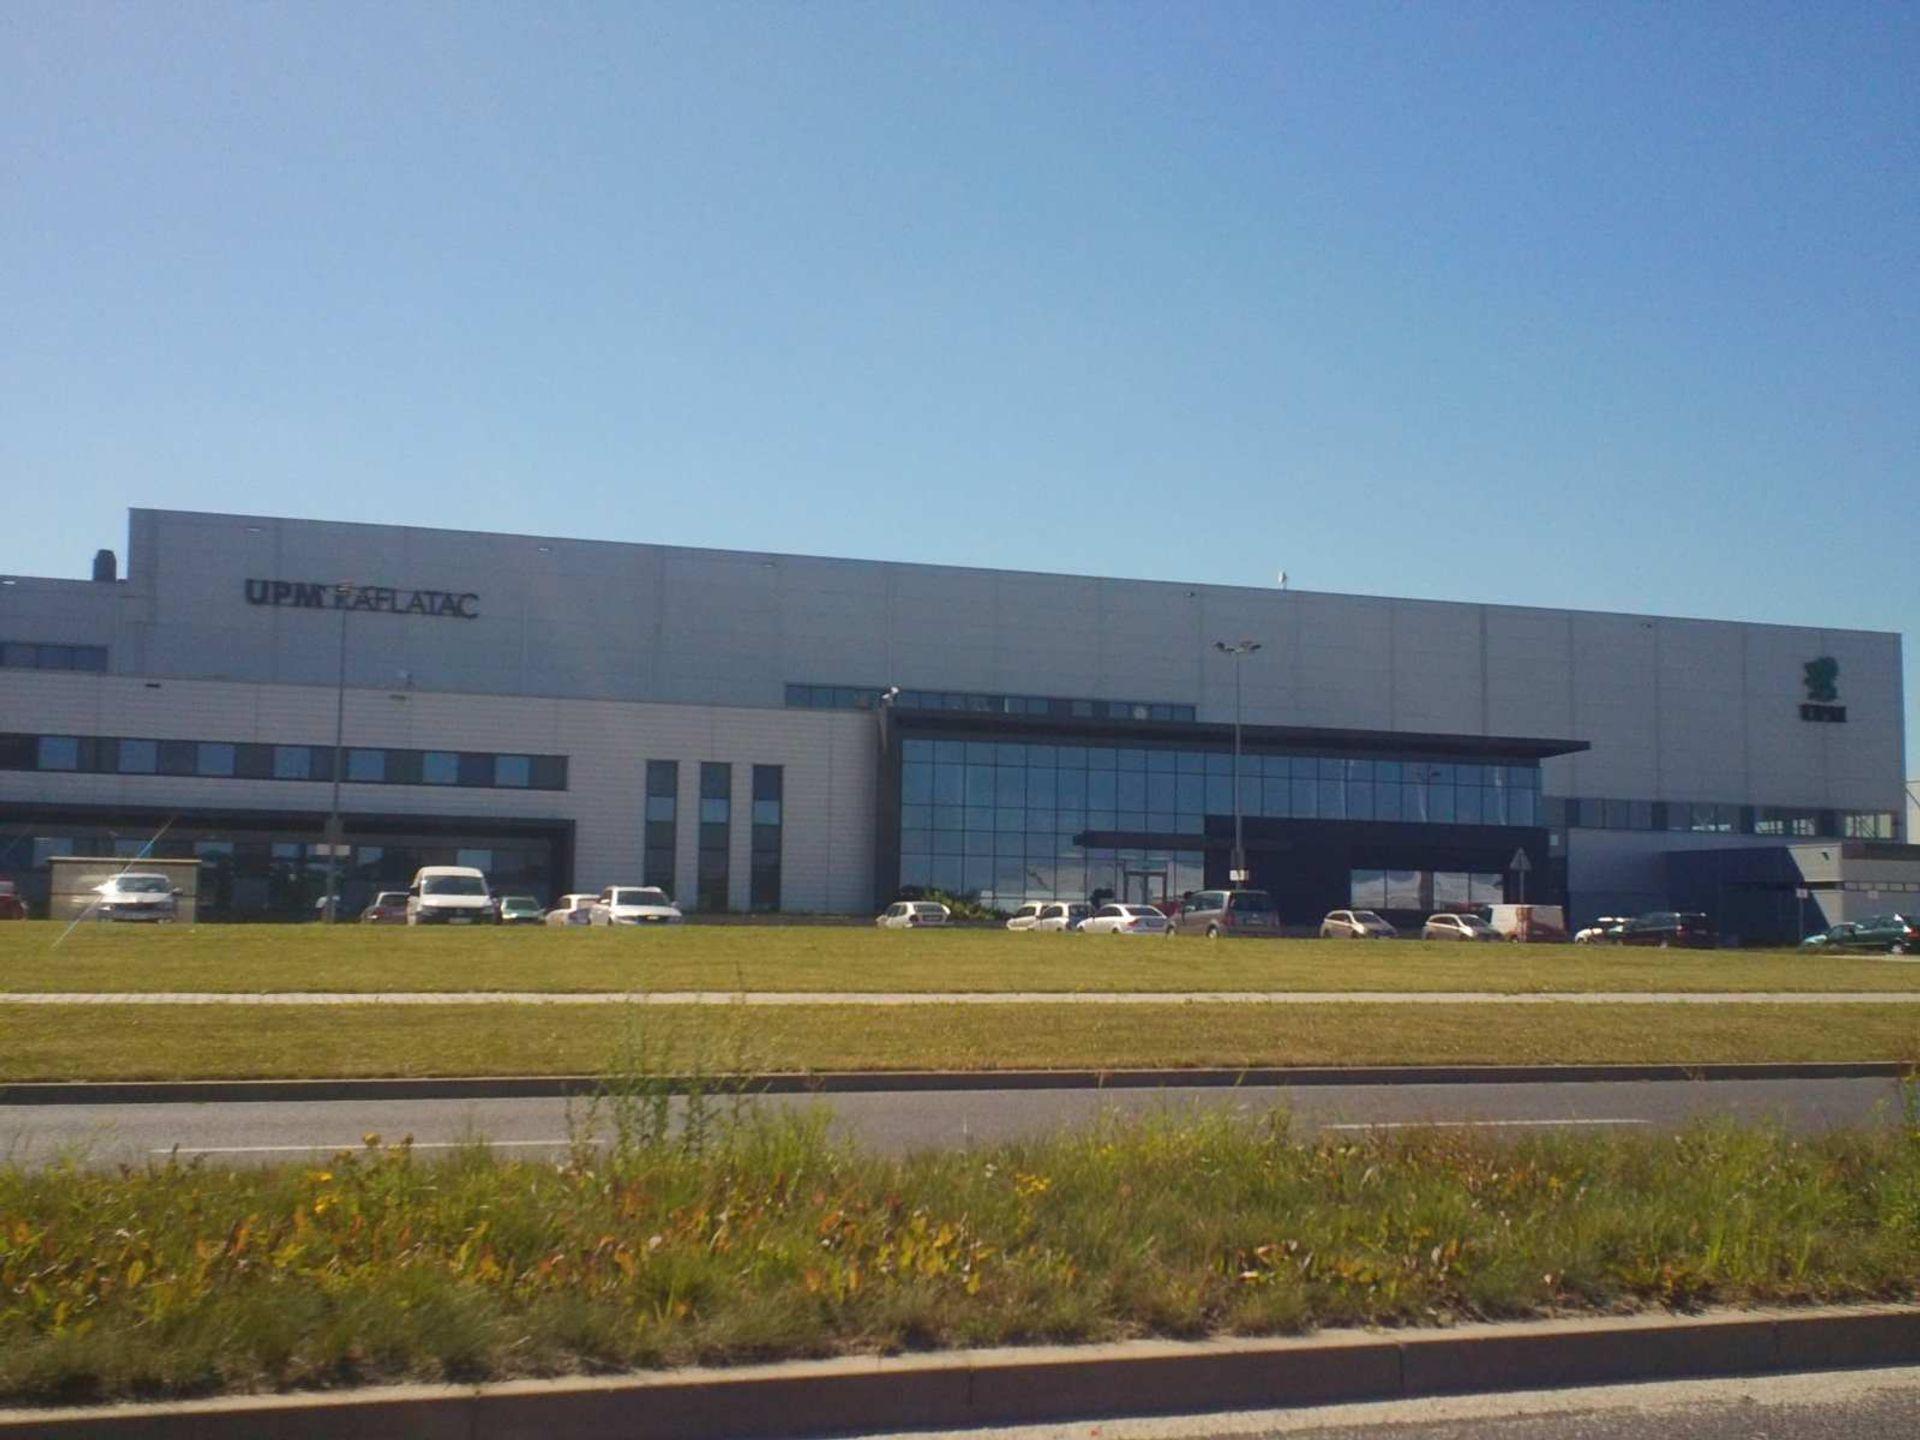 [Aglomeracja Wrocławska] UPM Raflatac zainwestuje kolejne 35 mln euro